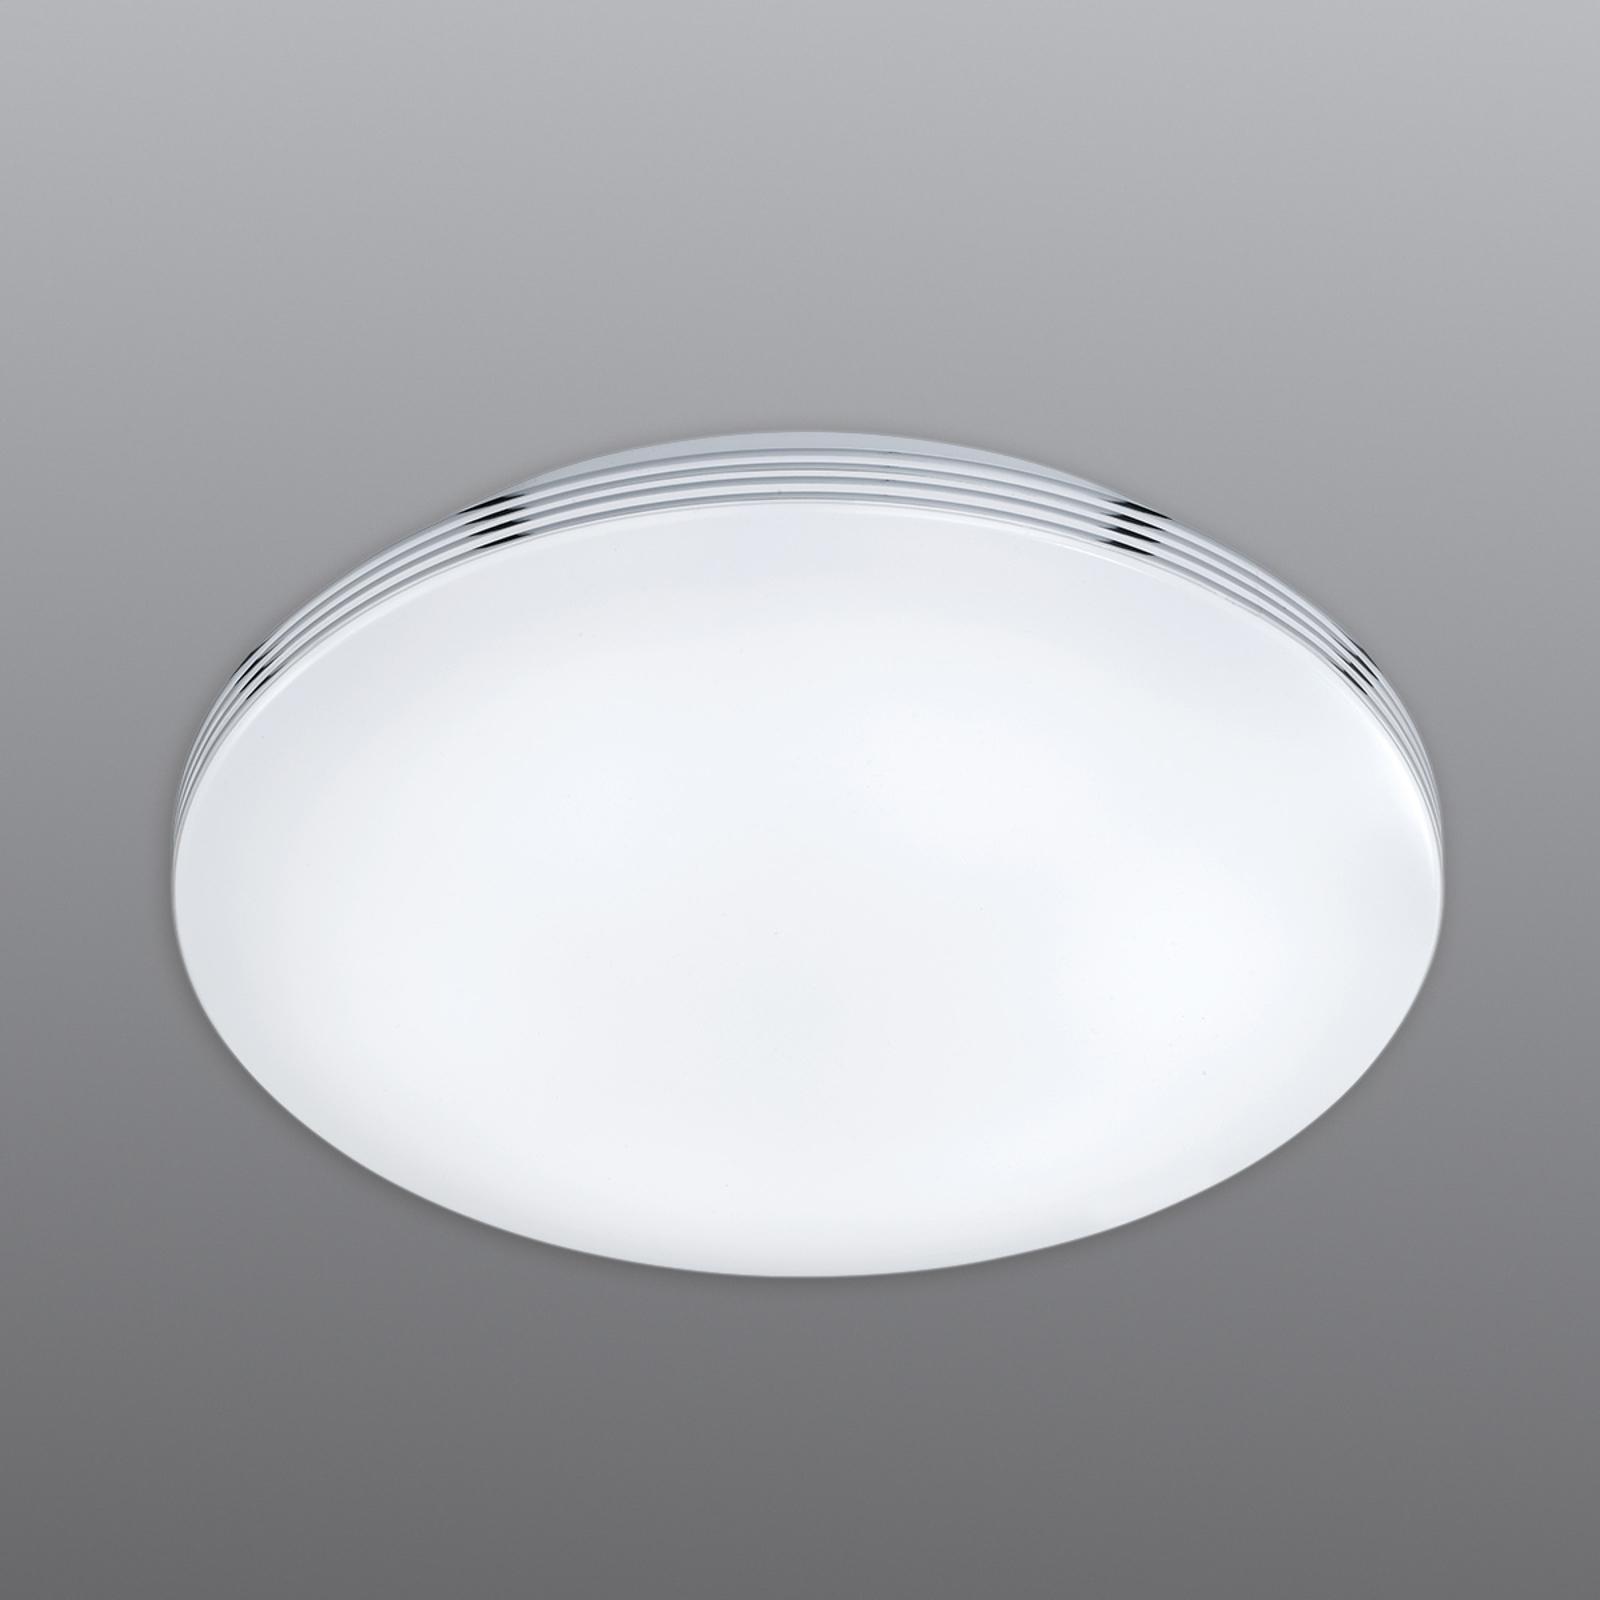 Łazienkowa lampa sufitowa Apart z żarówkami LED